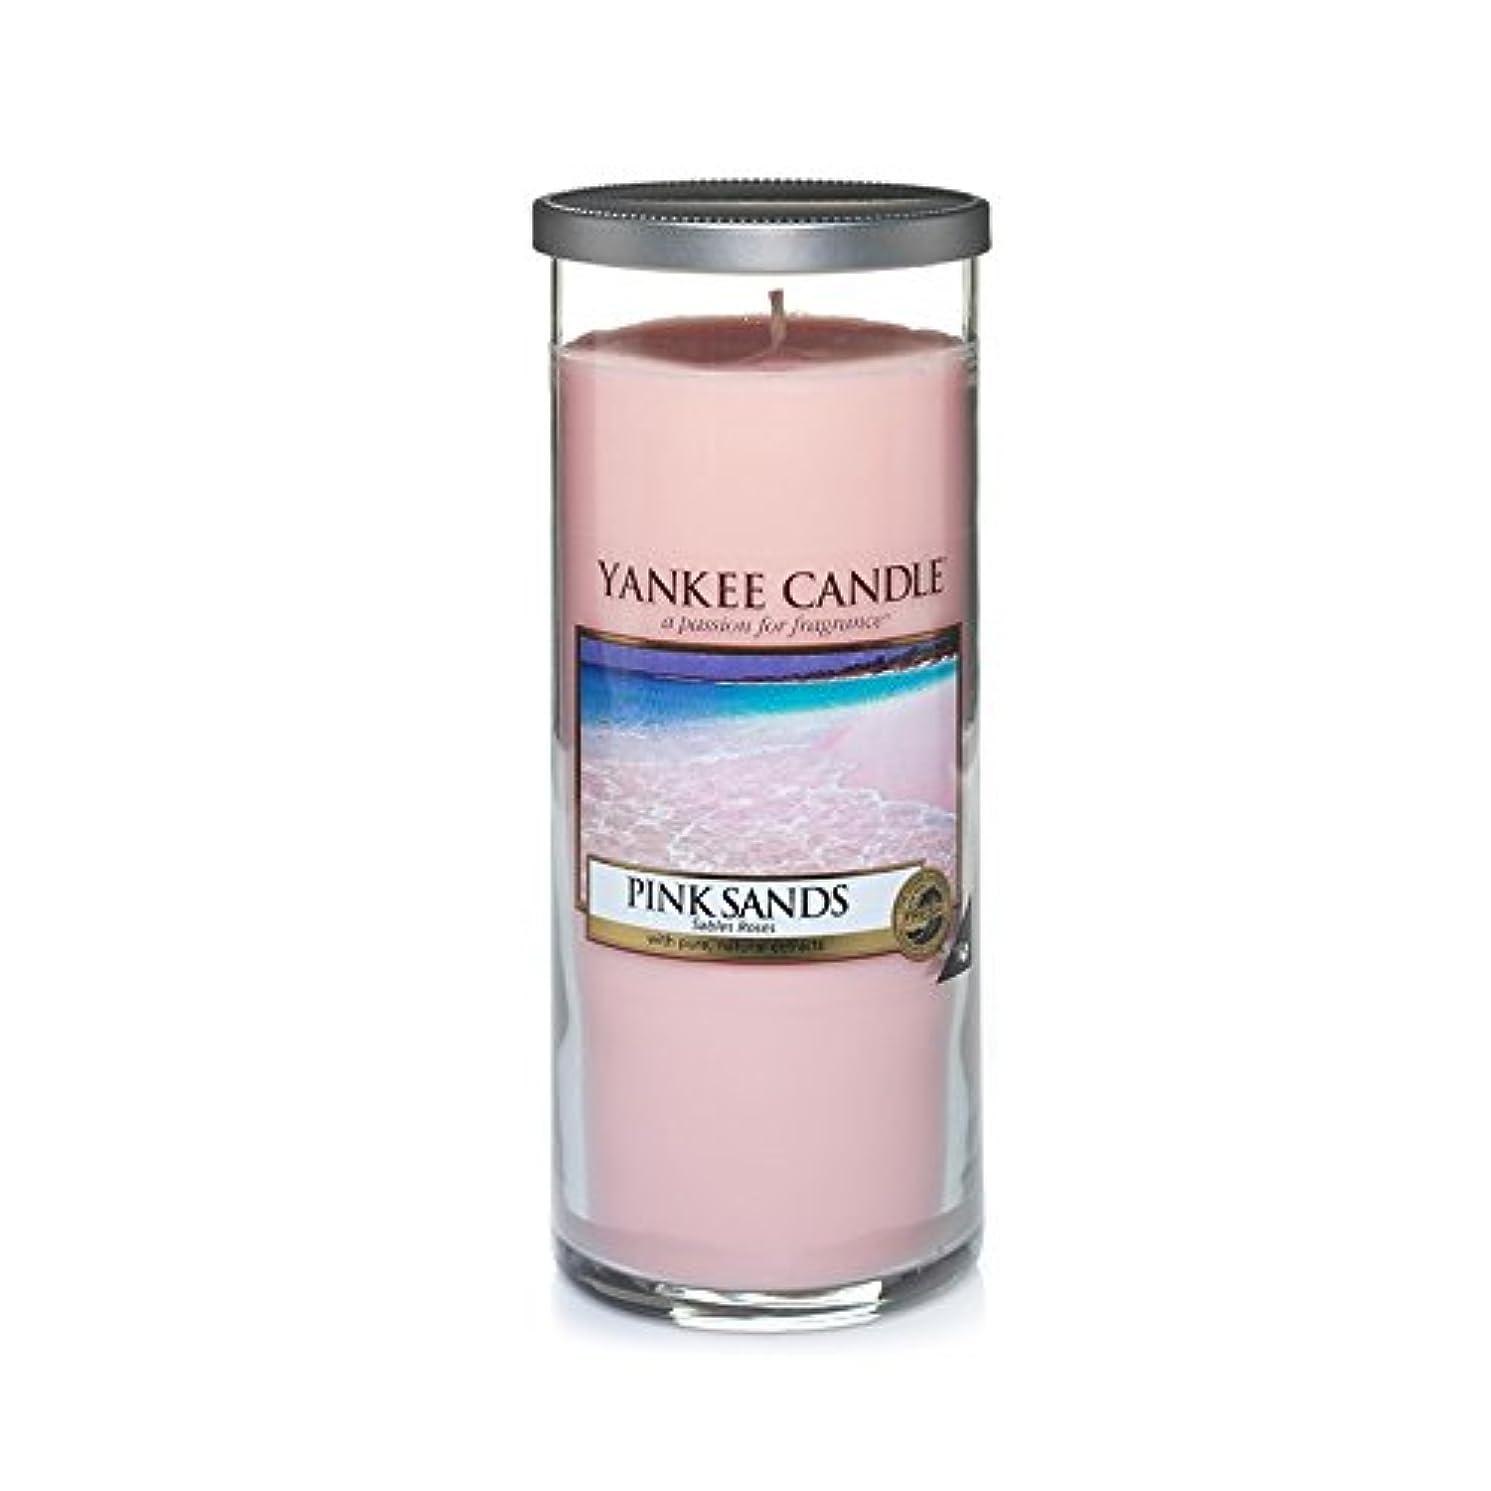 型誘うクリープYankee Candles Large Pillar Candle - Pink Sands? (Pack of 2) - ヤンキーキャンドル大きな柱キャンドル - ピンクの砂? (x2) [並行輸入品]